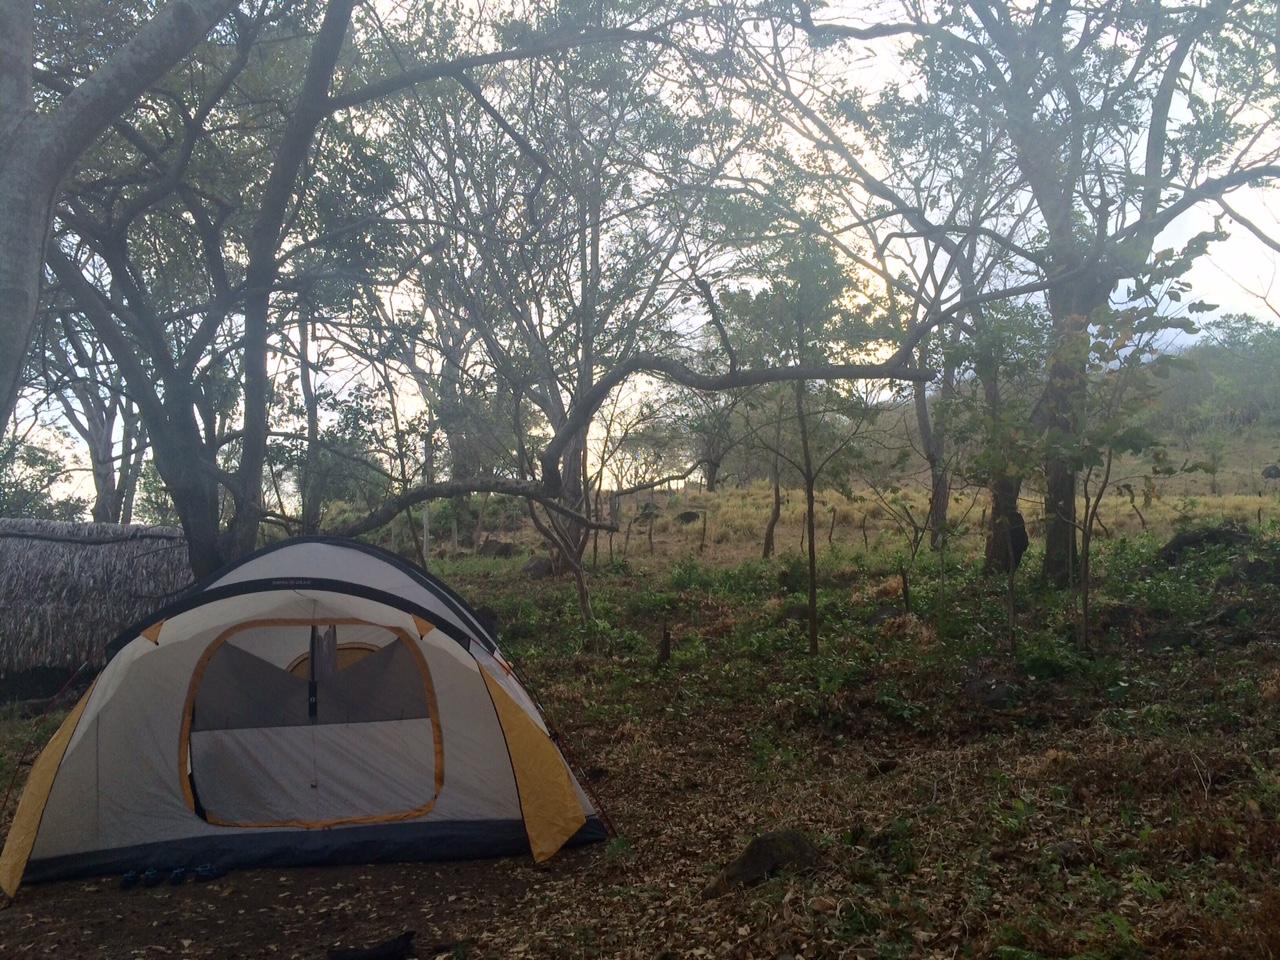 Camping at Inanitah